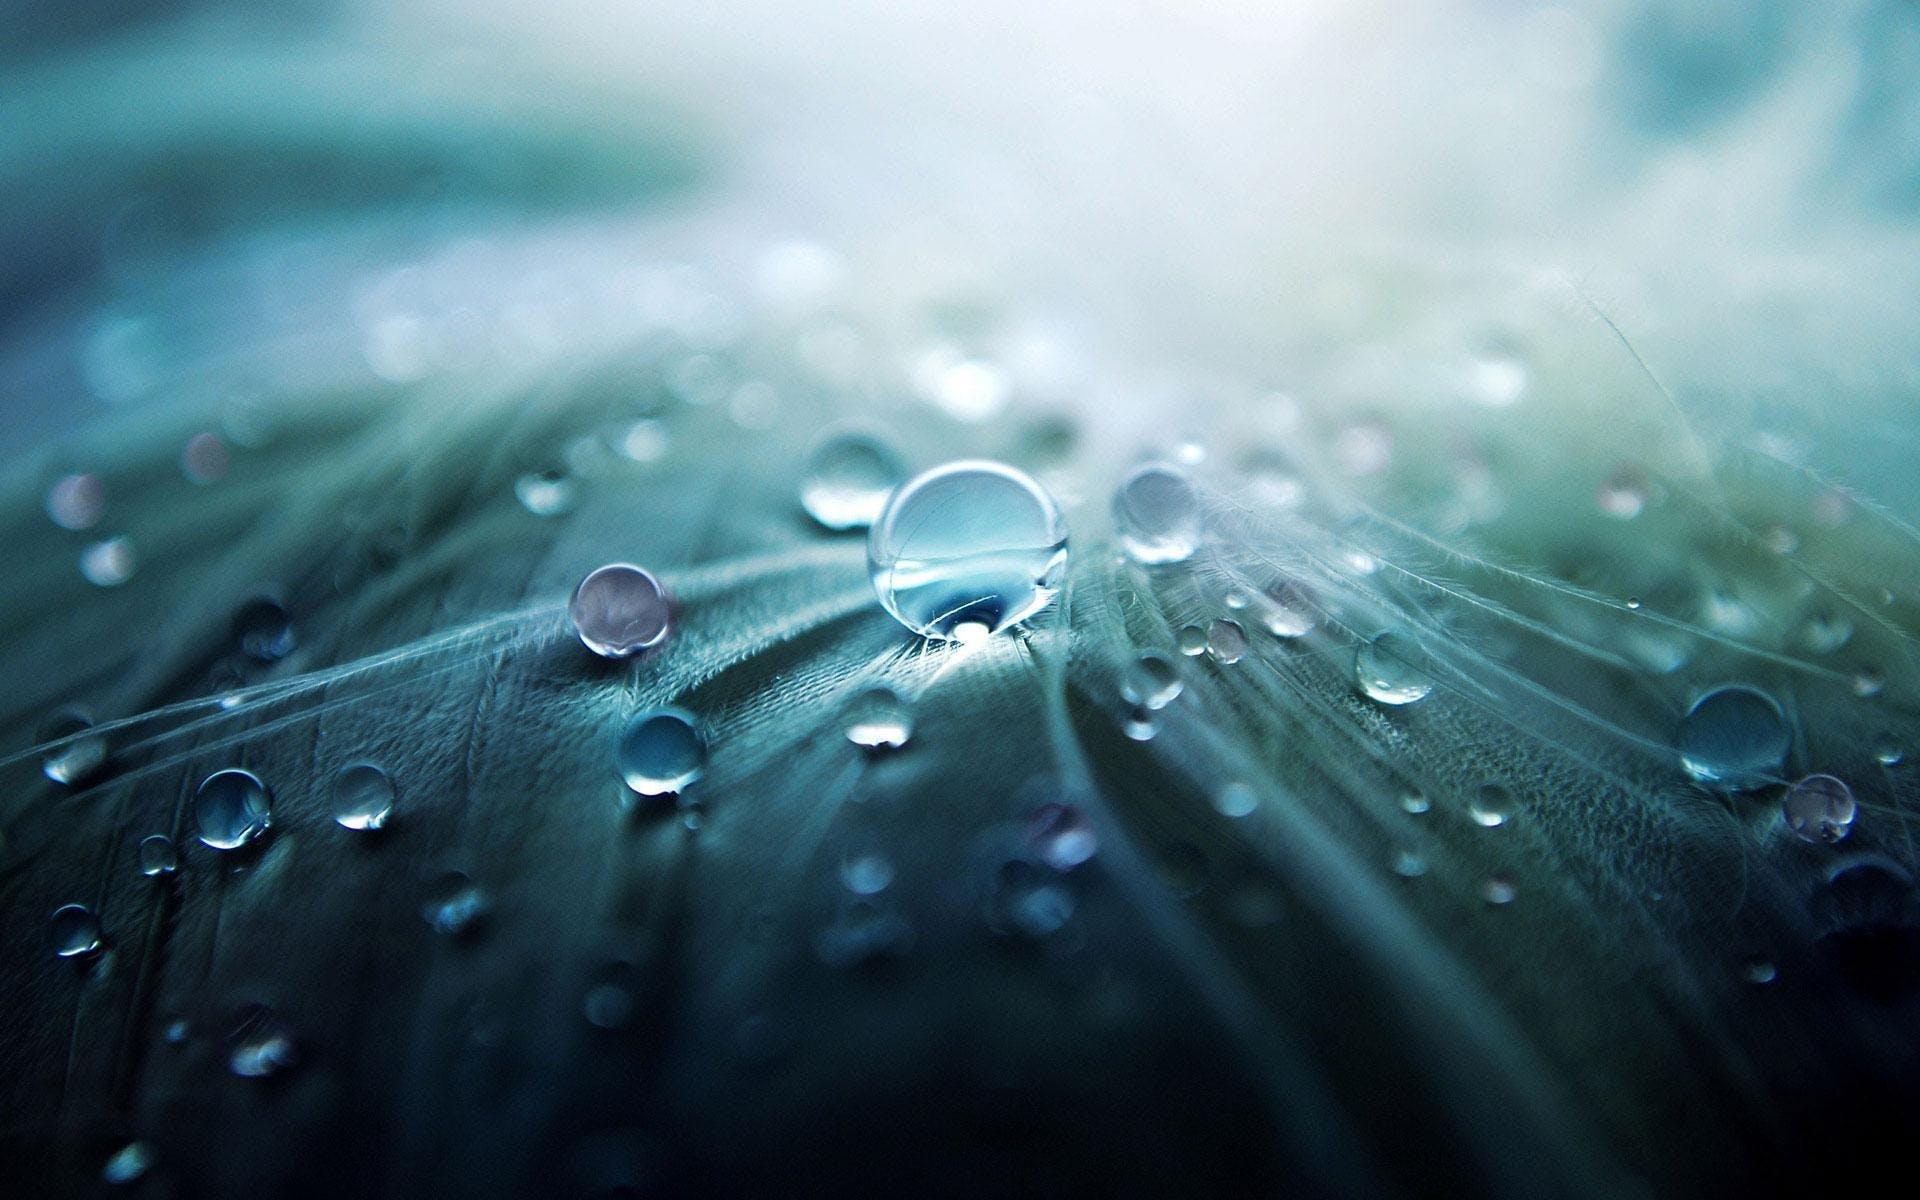 Kostnadsfri bild av bubbla, dagg, klar, konst